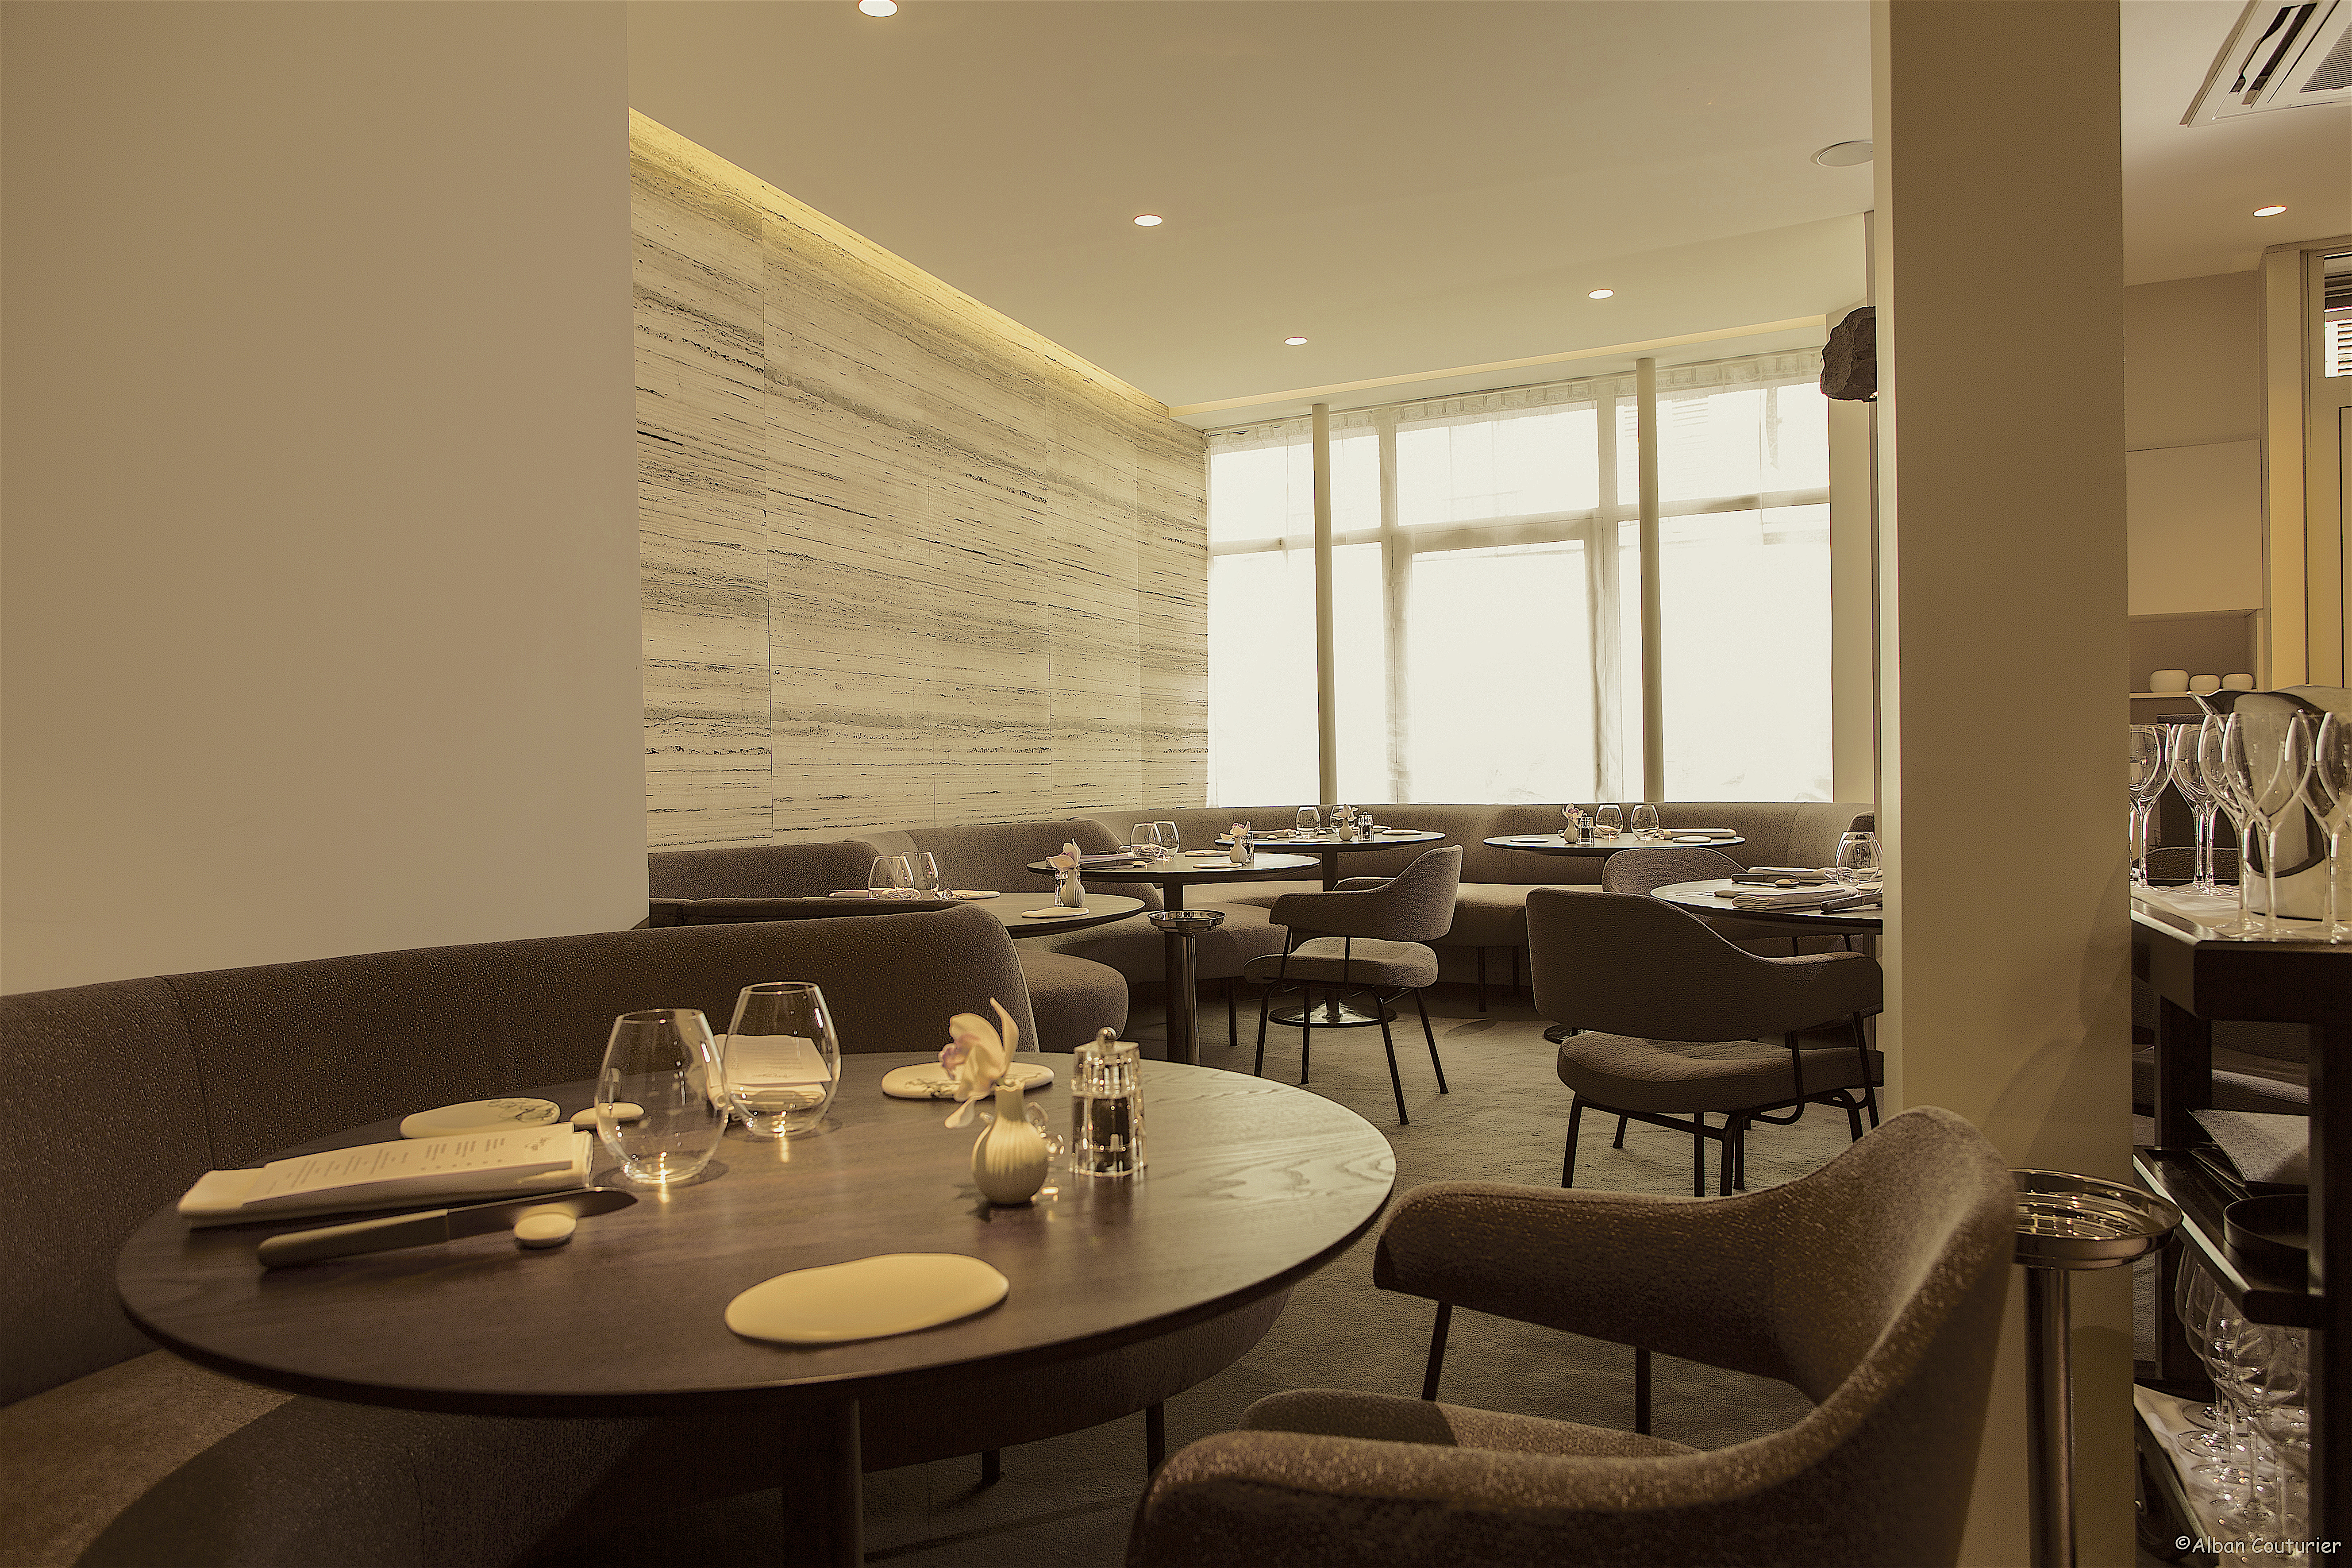 Restaurant Alan Geaam - dining room